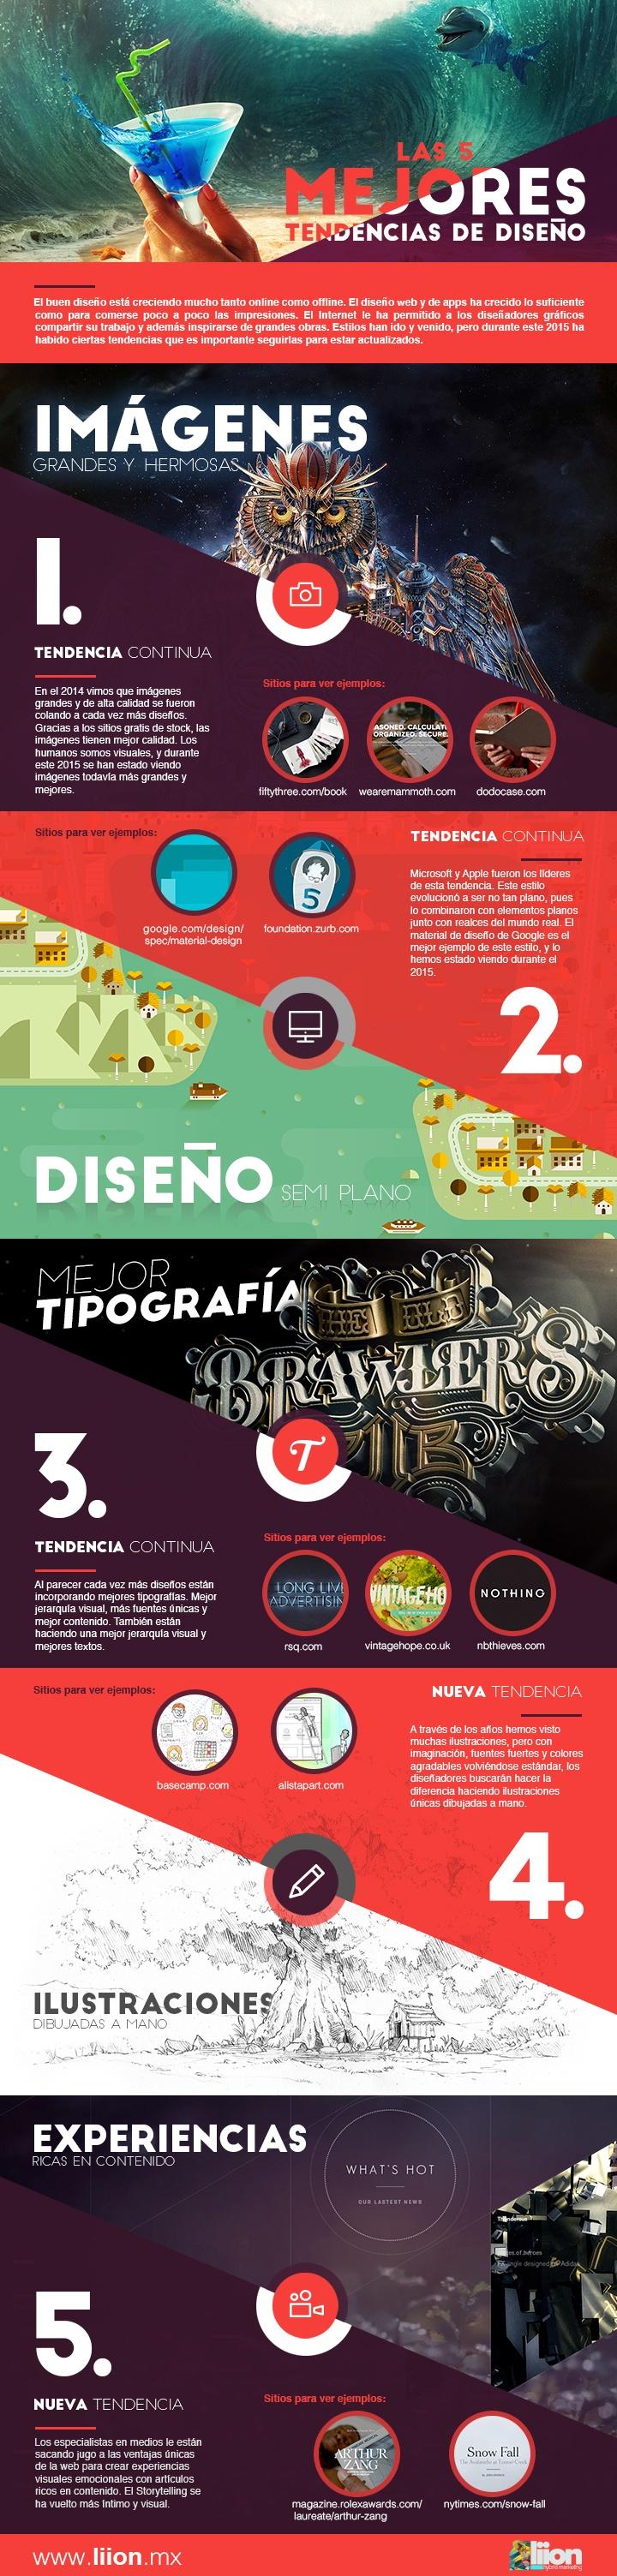 5 mejores tendencias de Diseño